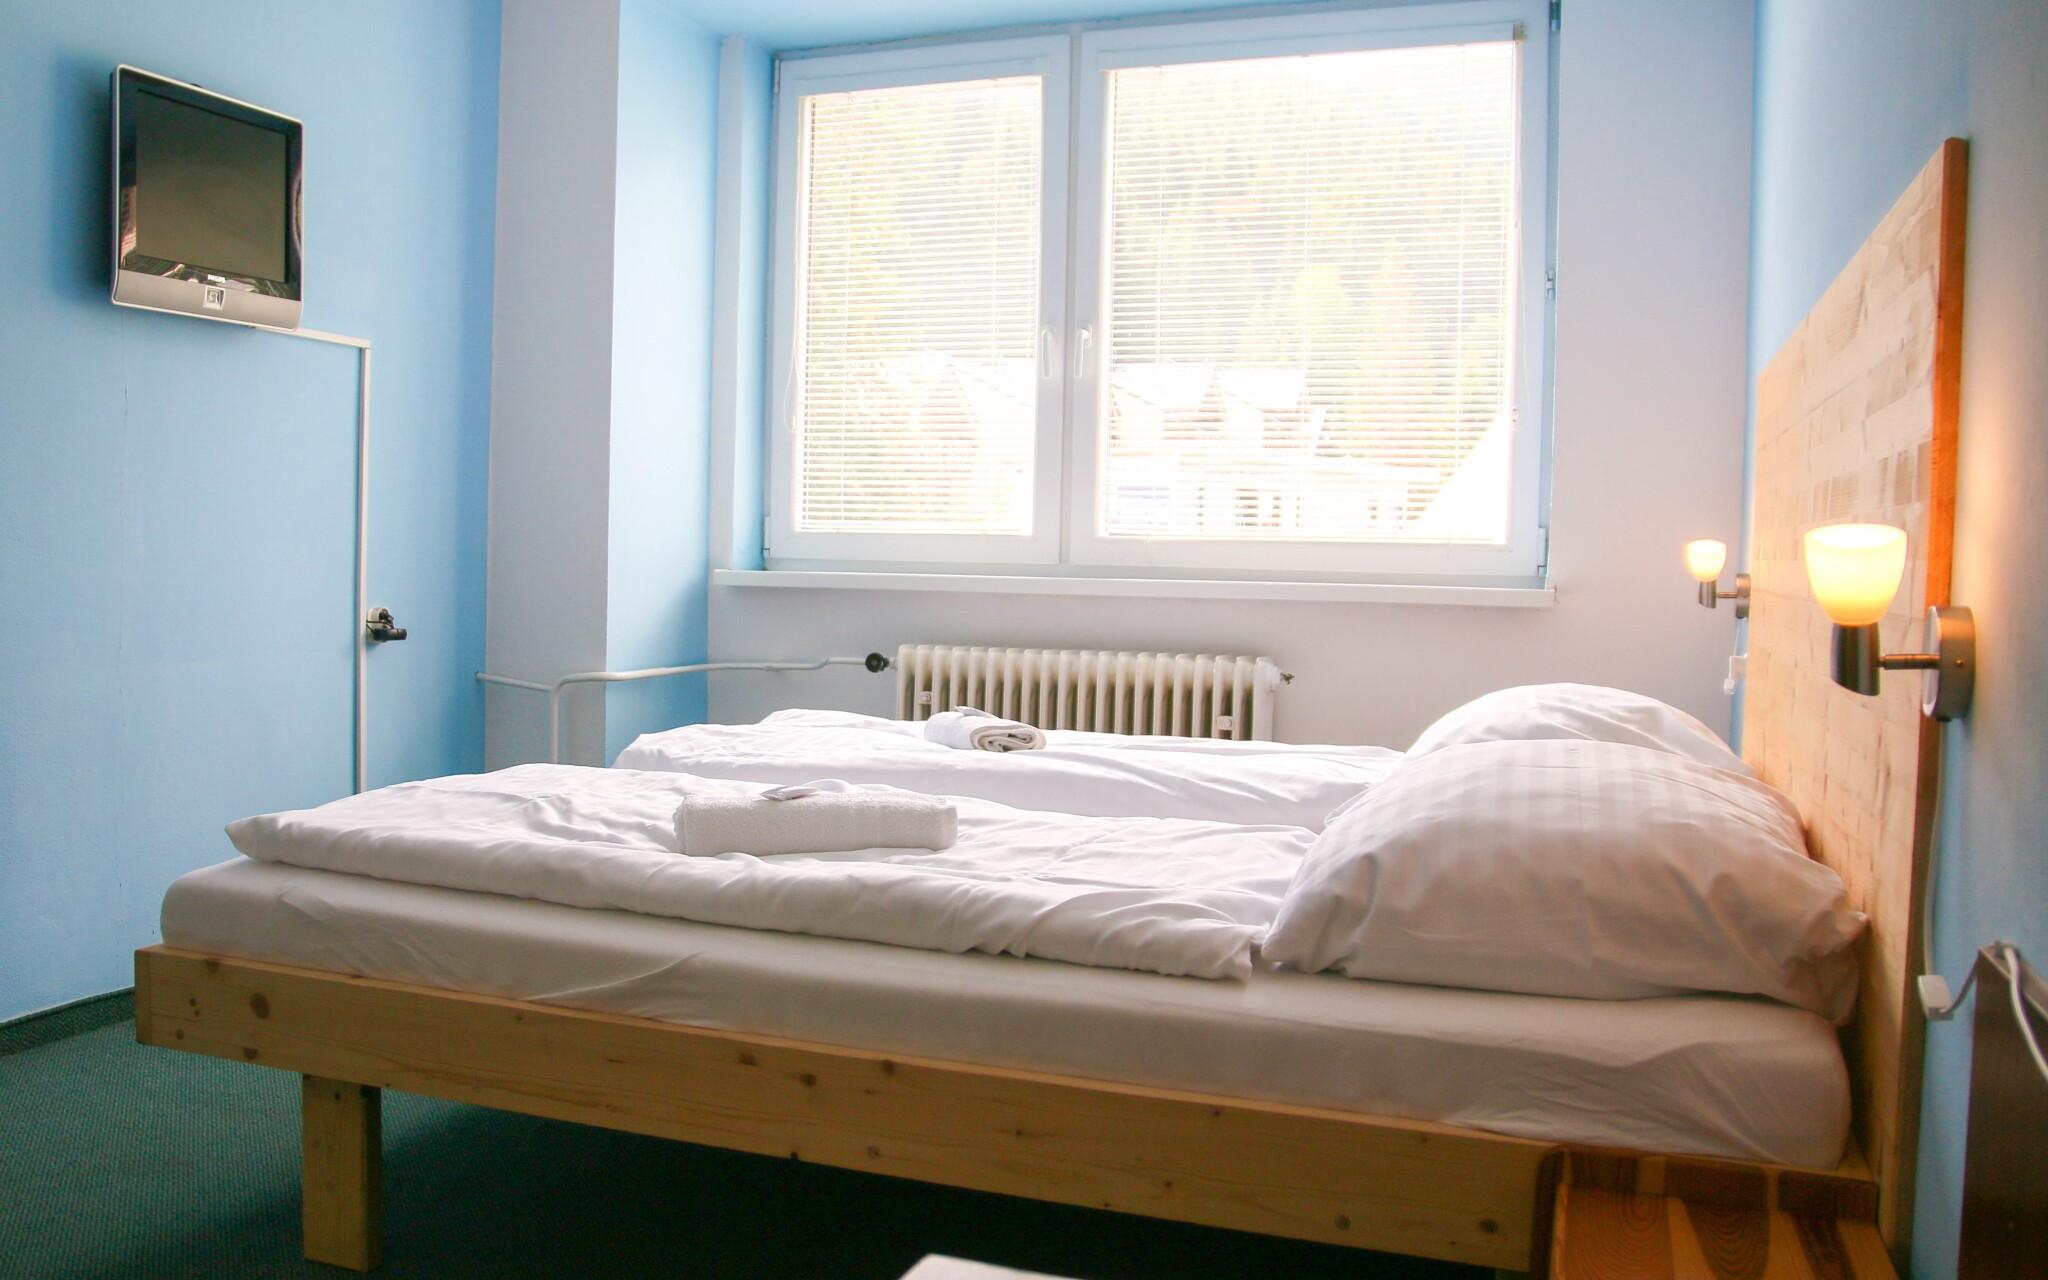 Pohodlné pokoje v Hotelu SKI s výhledem do přírody